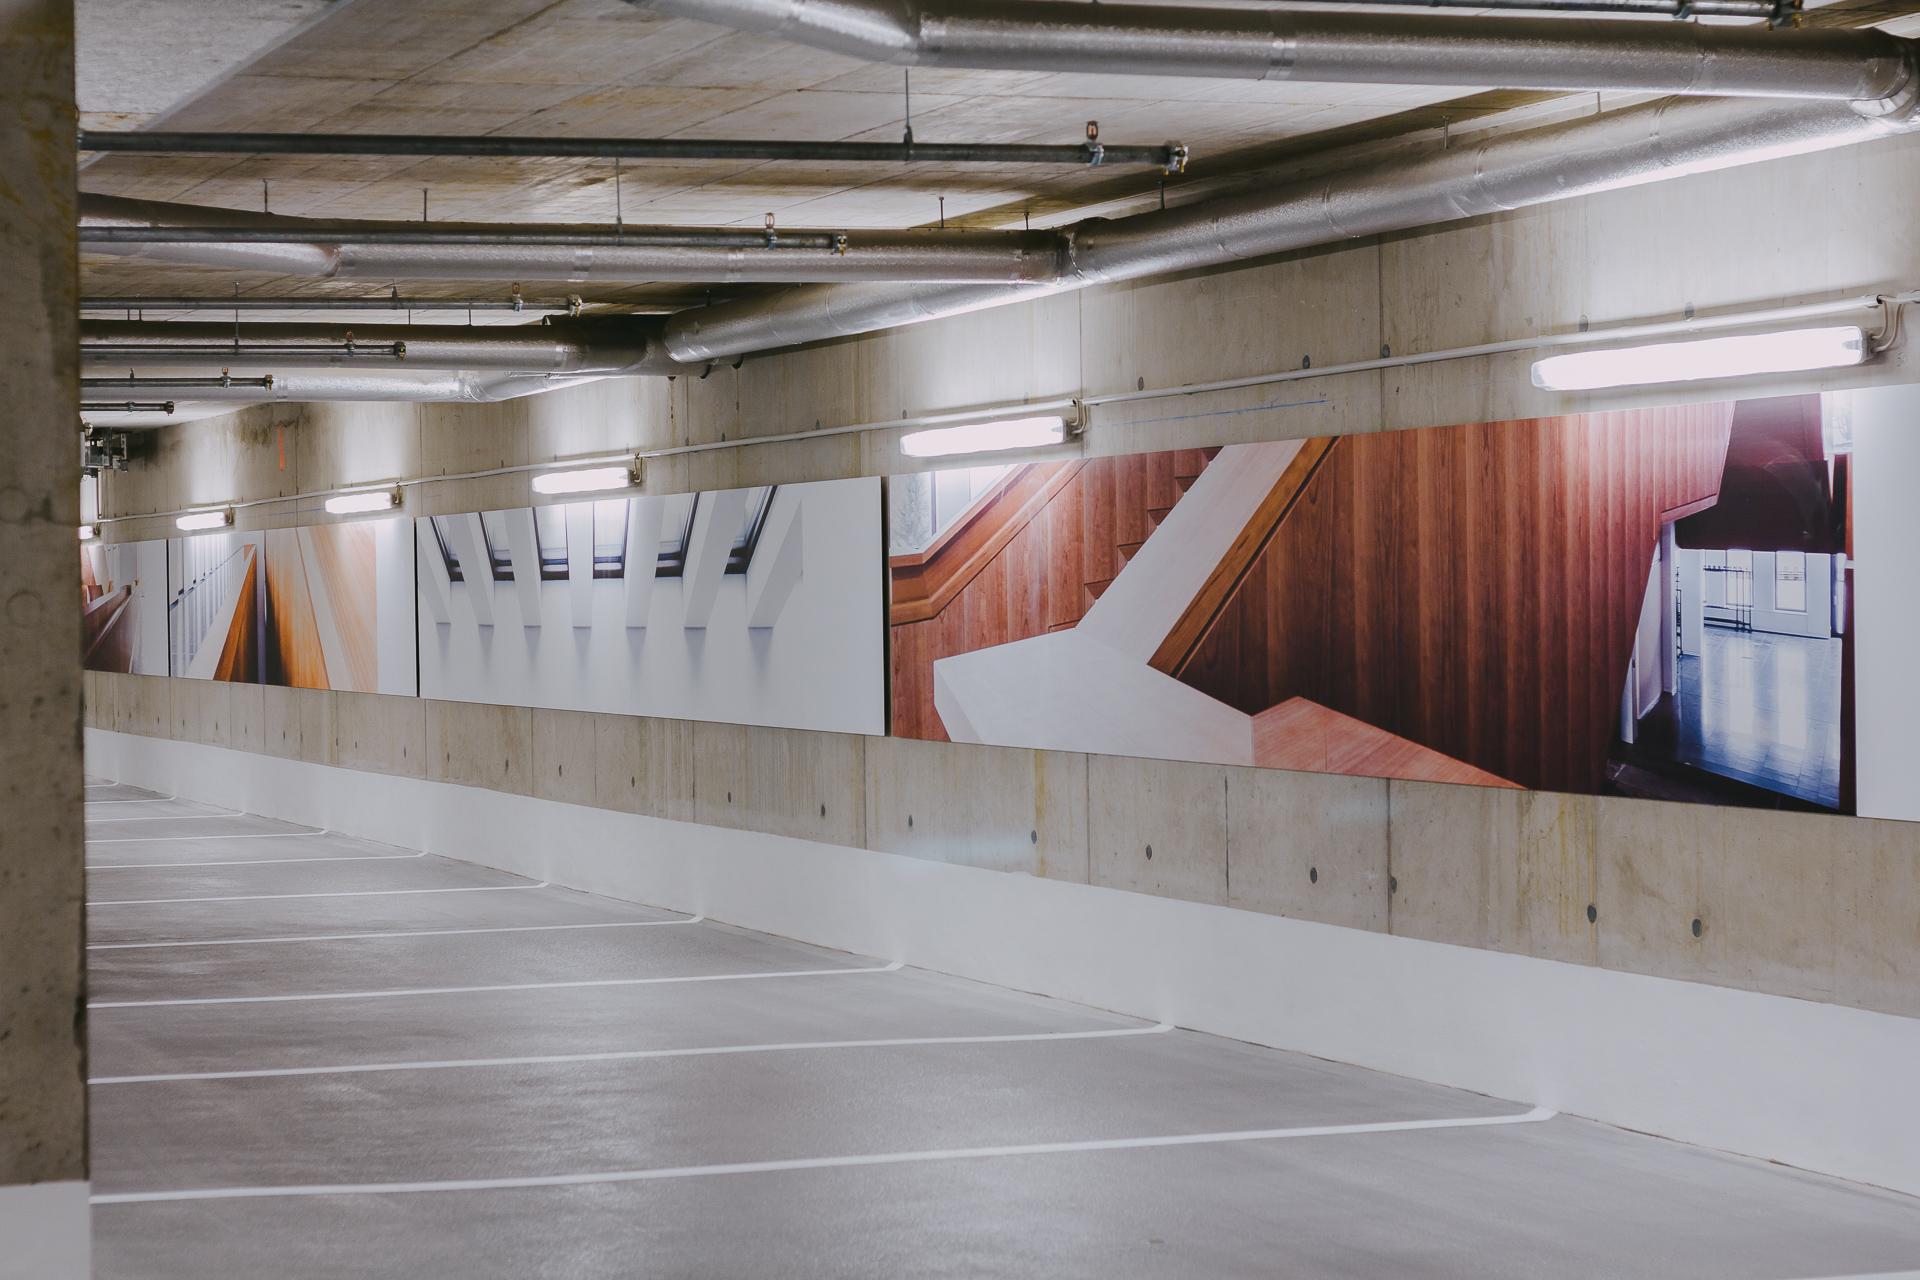 20121228_Stadthalle_Reutlingen_Tiefgarage_Motive_000000210